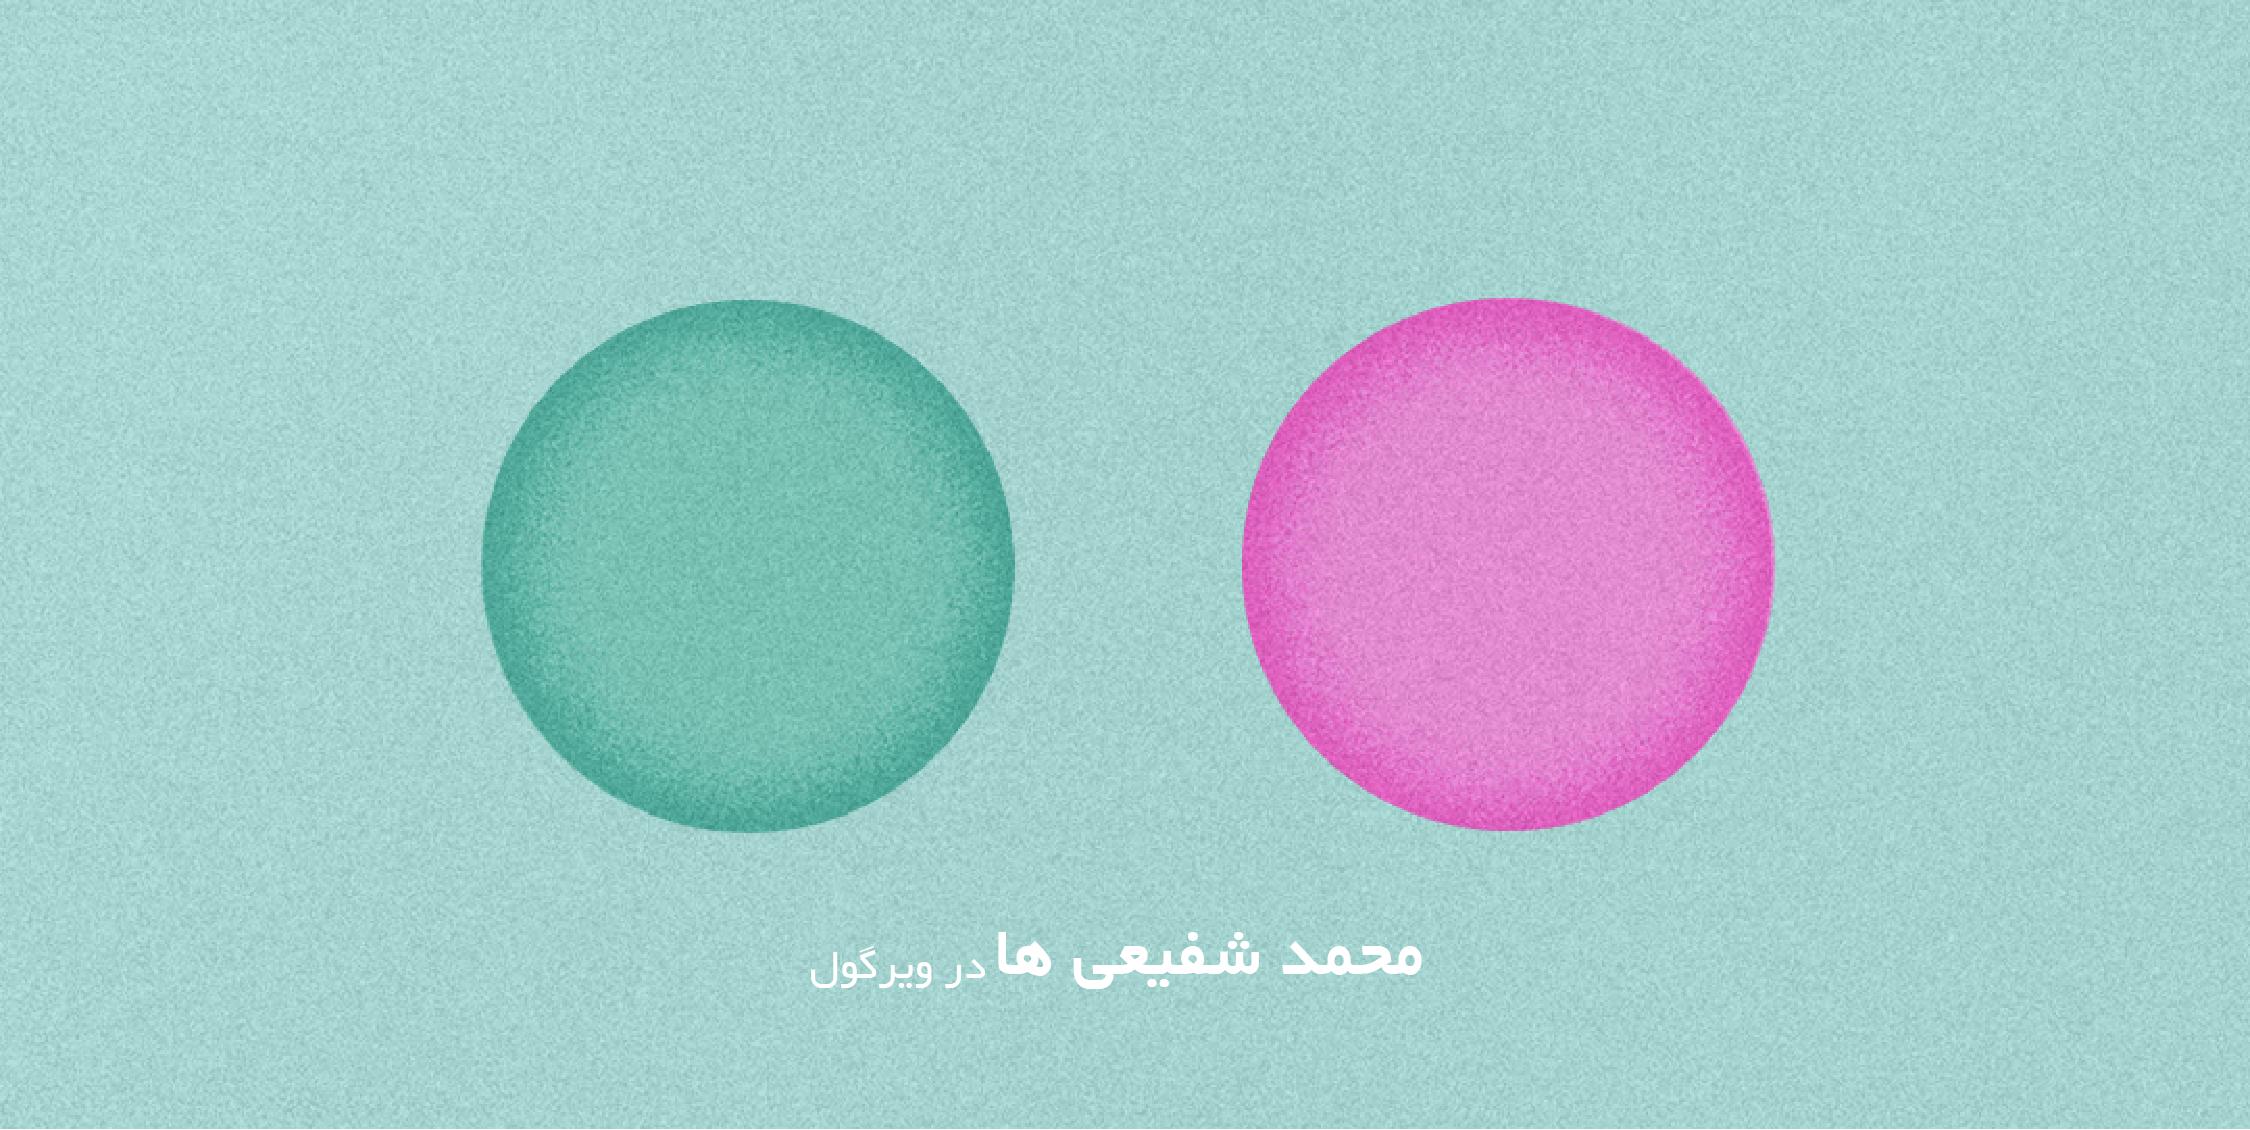 طراح نباش و طراحی یاد بگیر! - ۱ از ۲